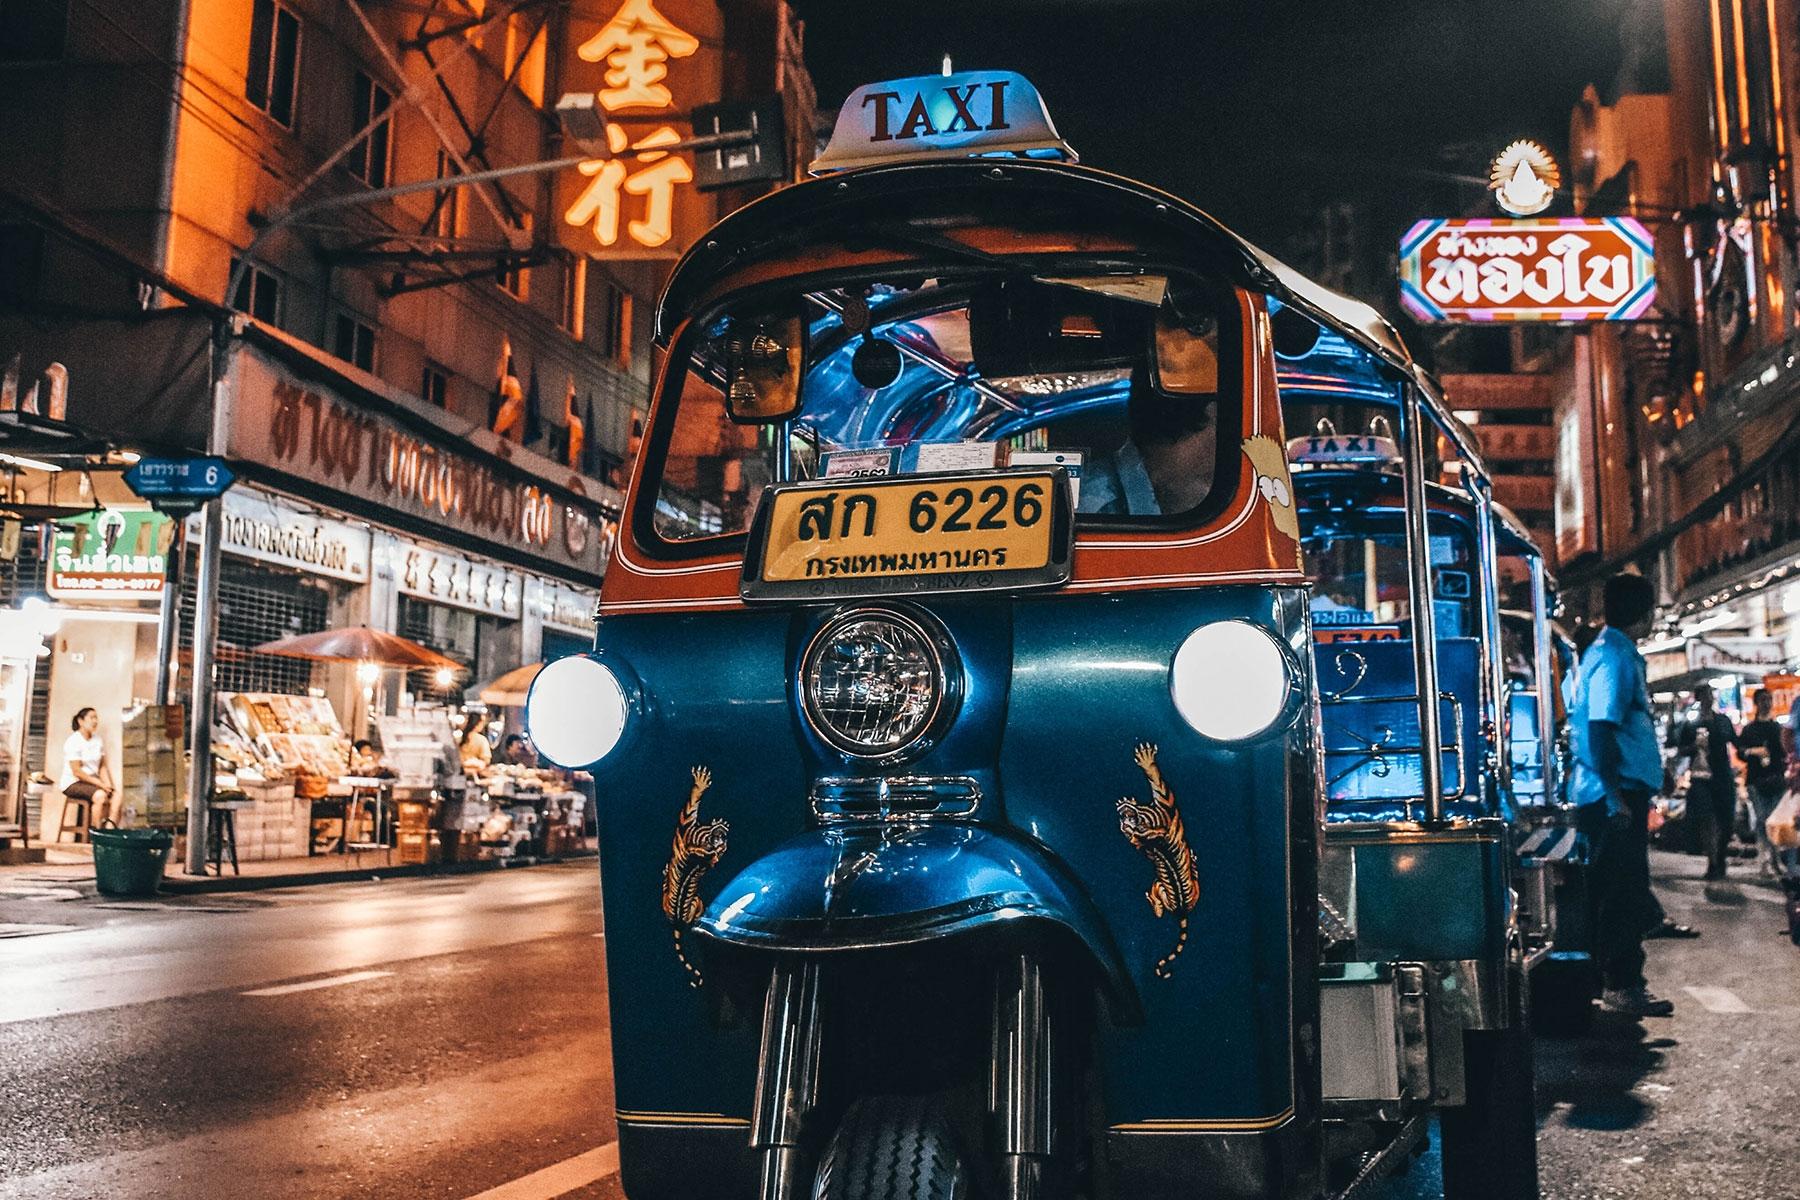 泰國在2020年7月起有限度放寬入境管制。